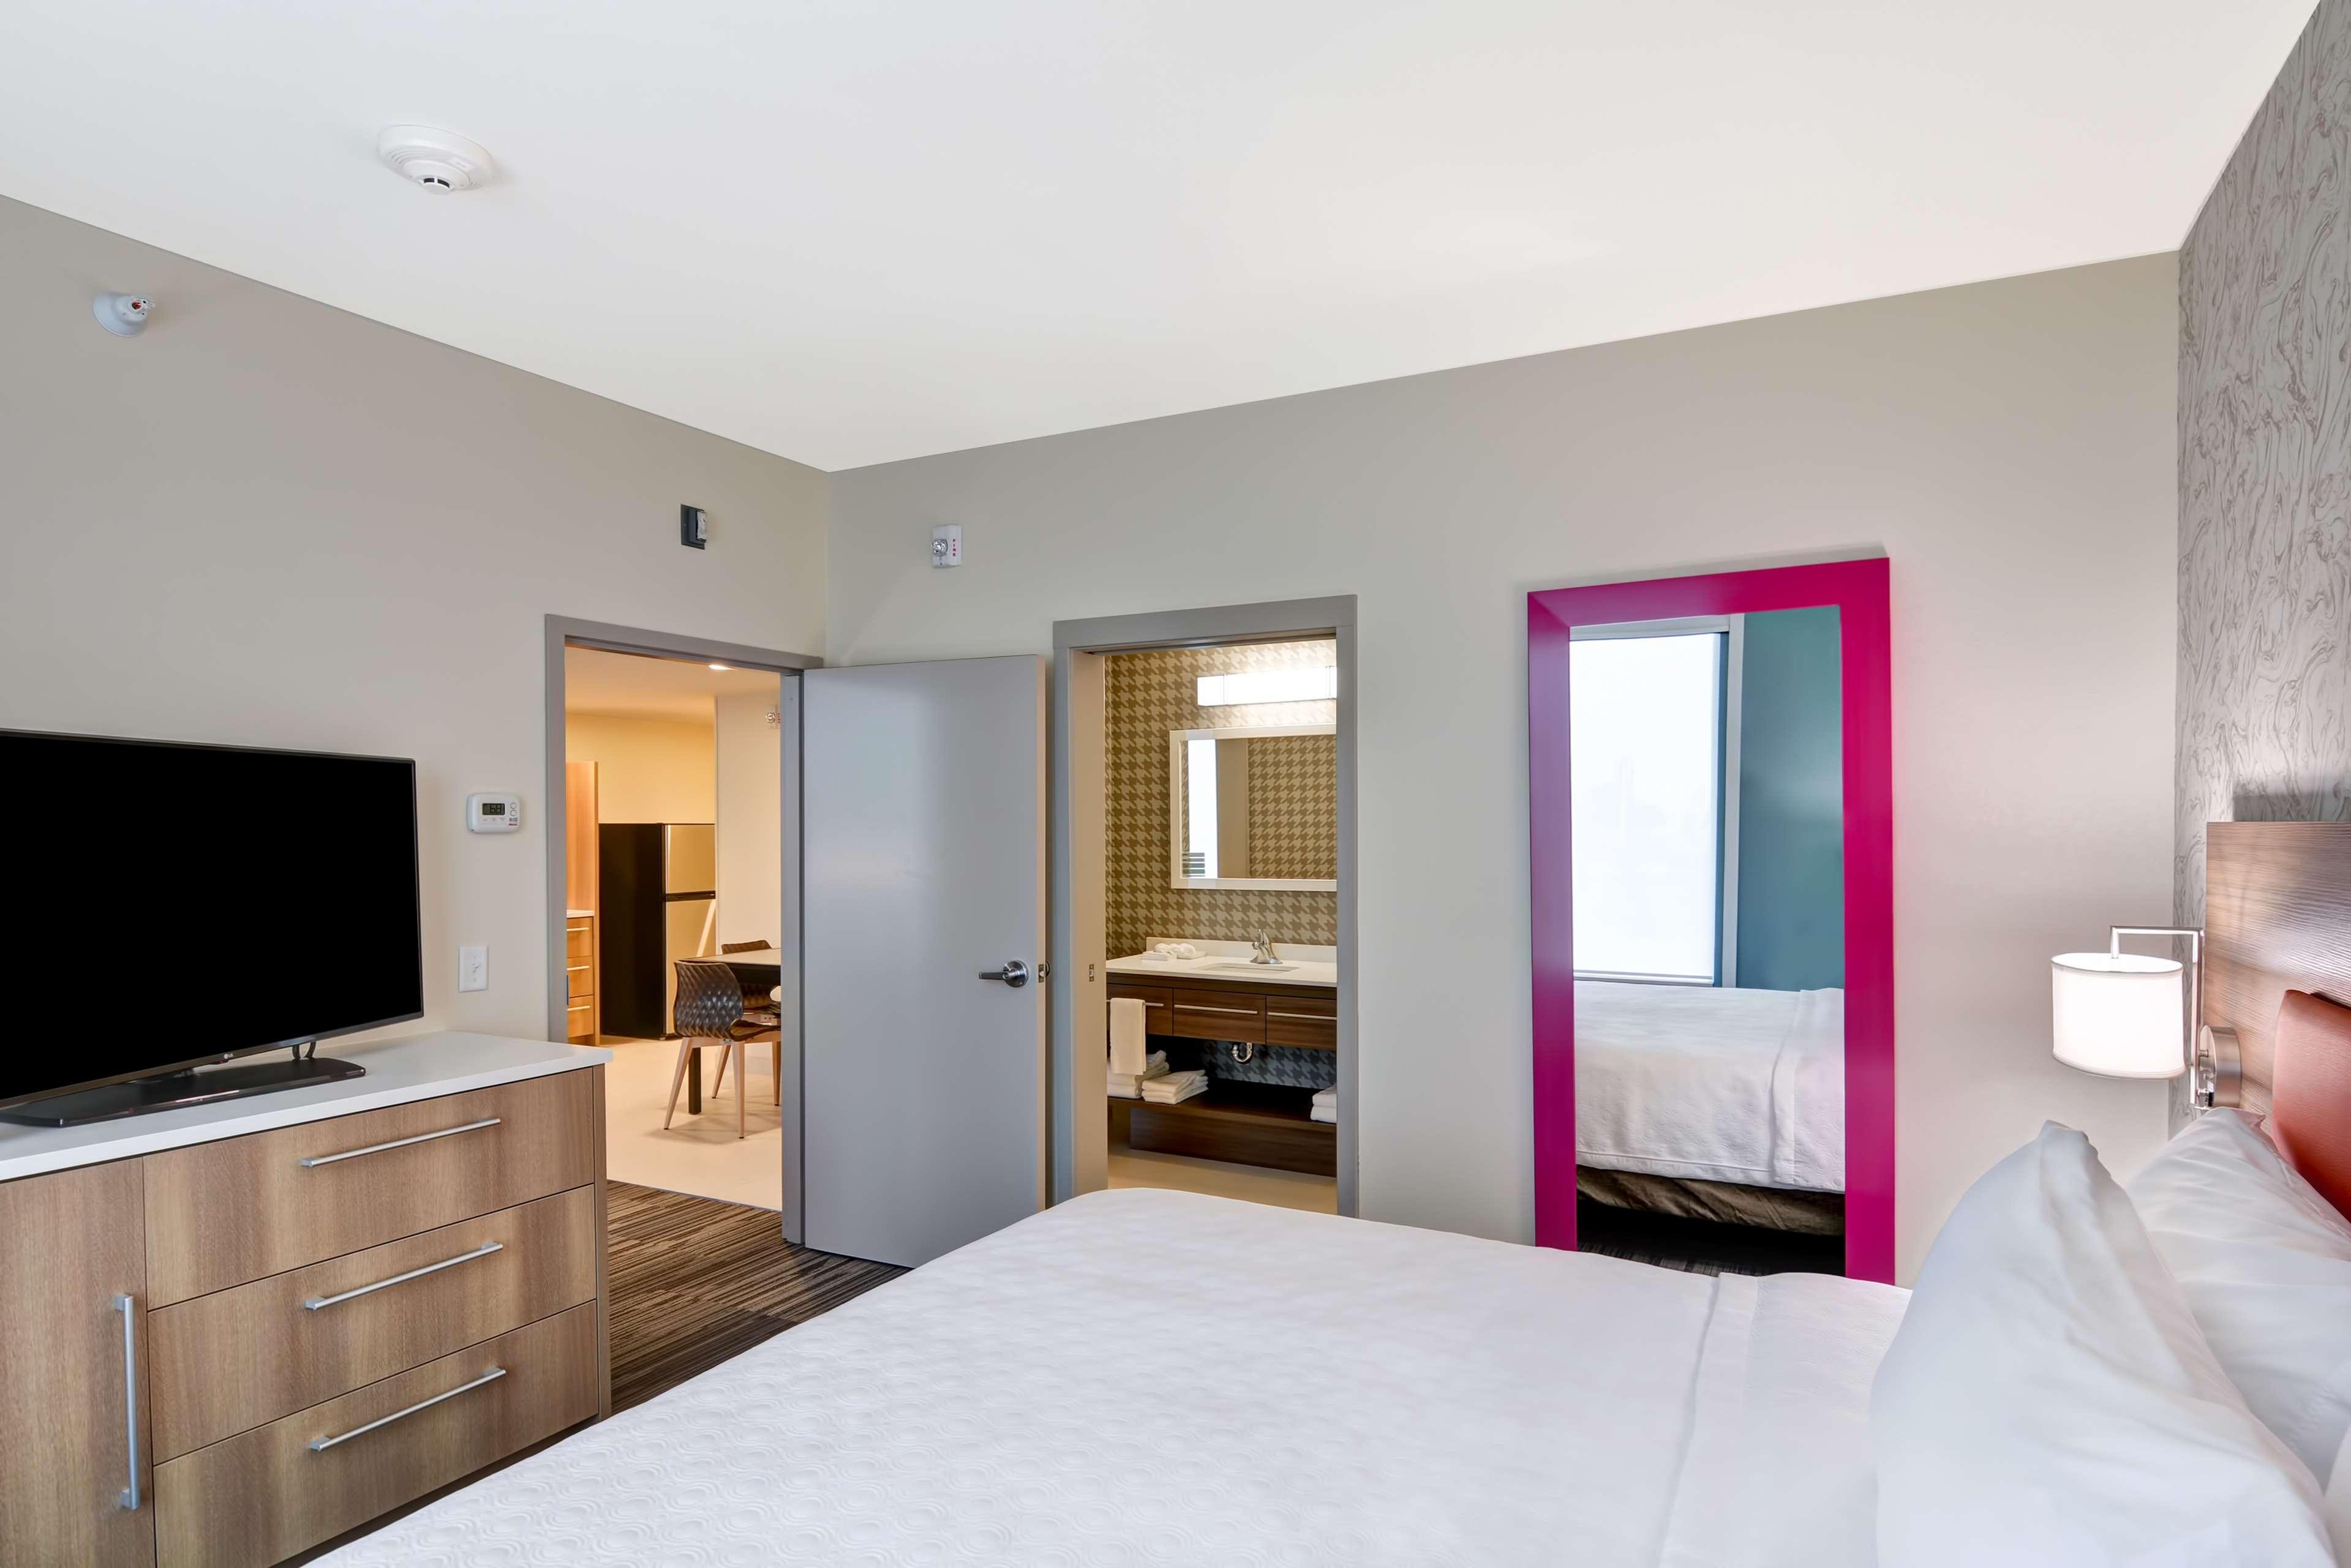 Home2 Suites by Hilton Lafayette image 17